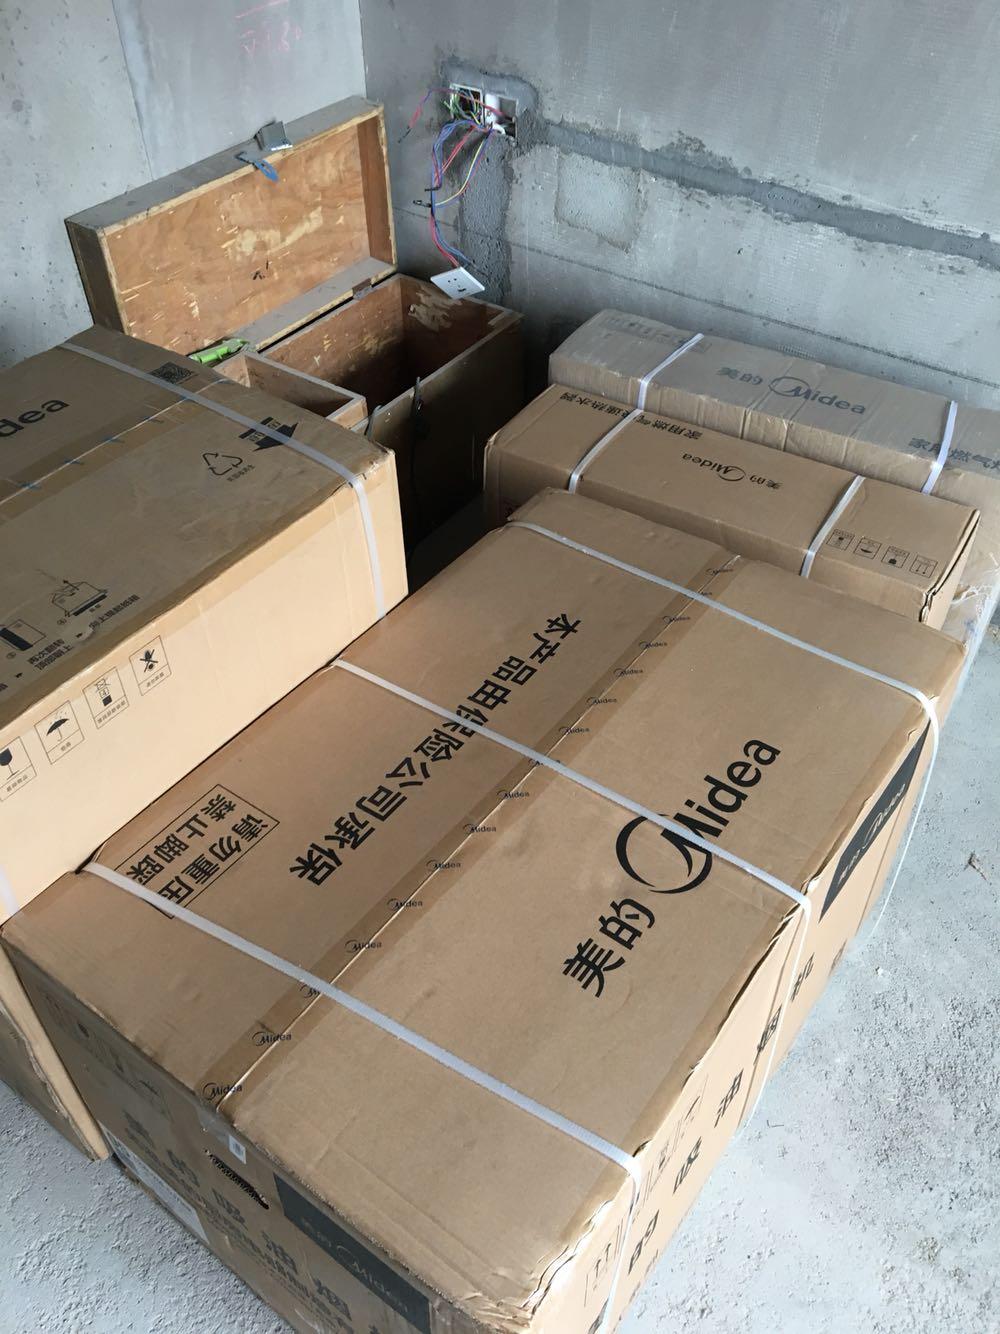 cheap shoes 00133879 onlineshop